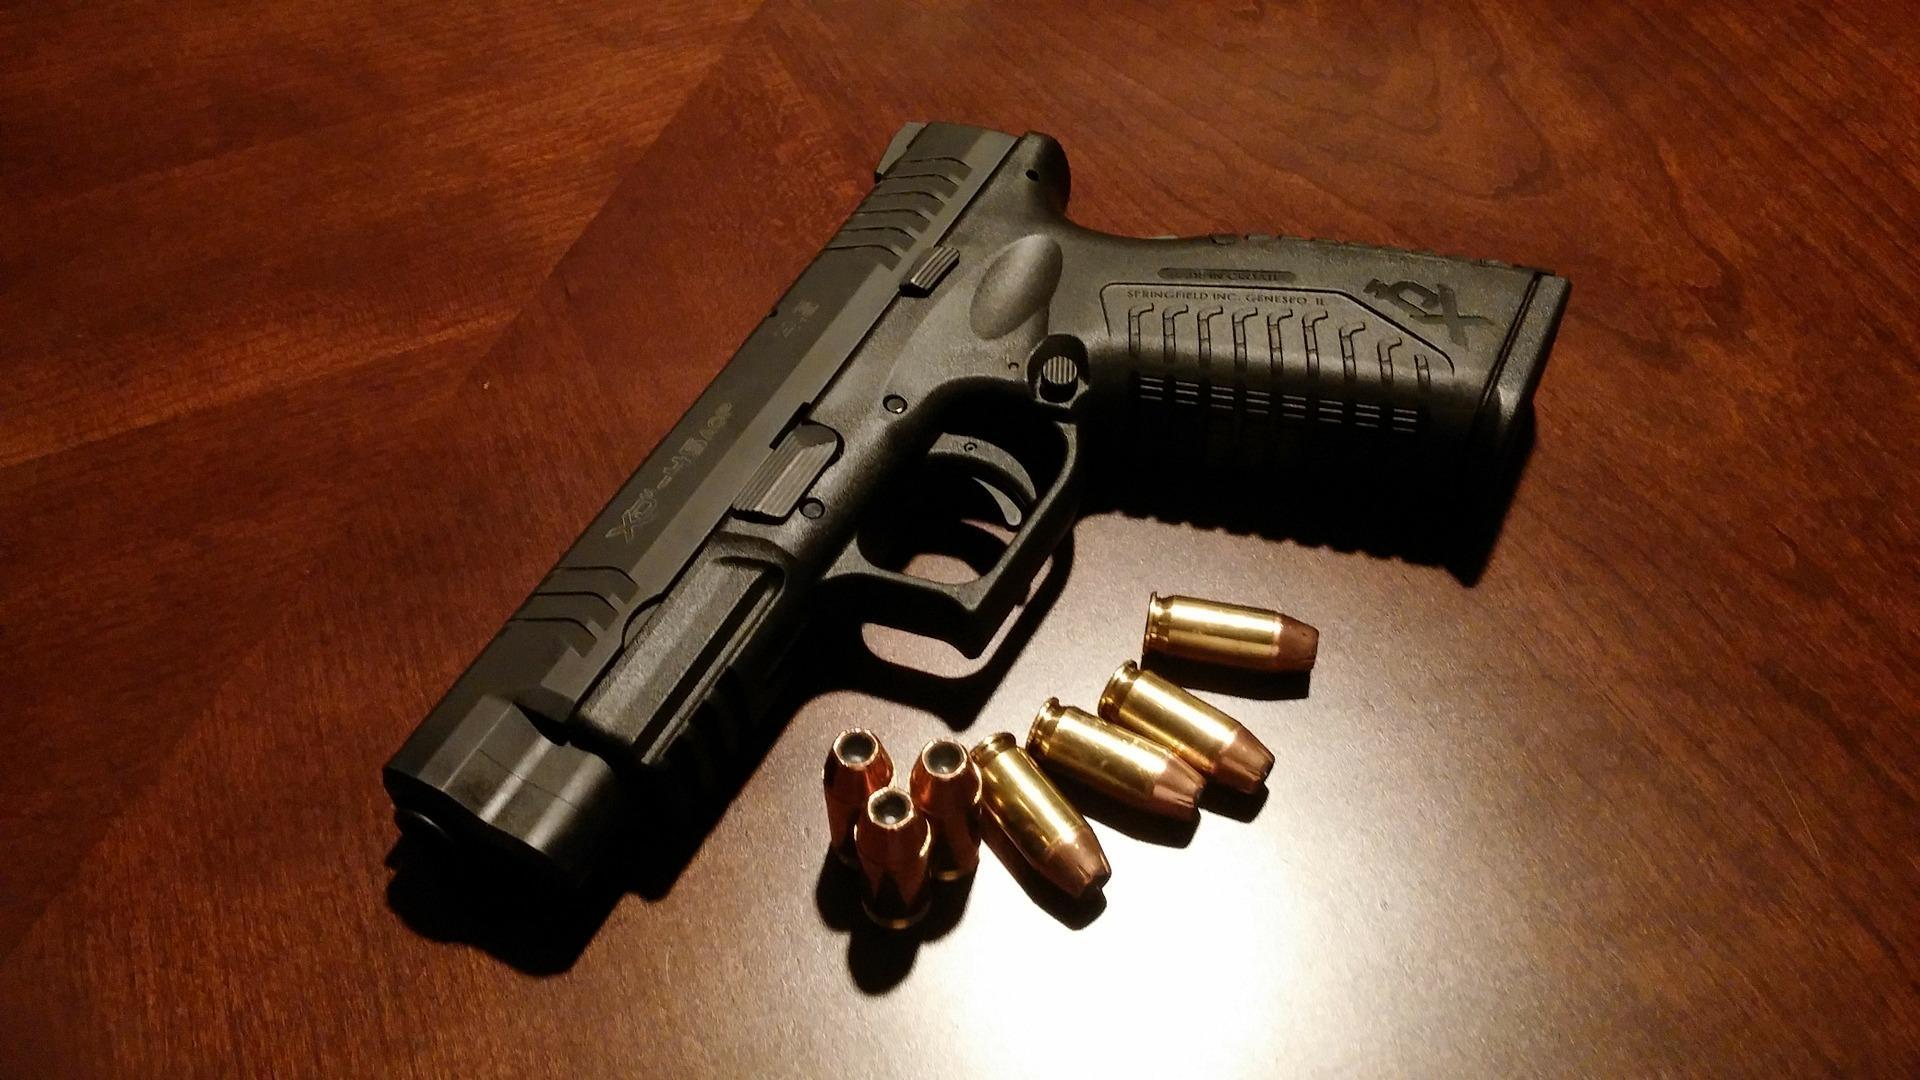 Unerlaubter Waffenbesitz - Dauerdelikt und Strafklageverbrauch